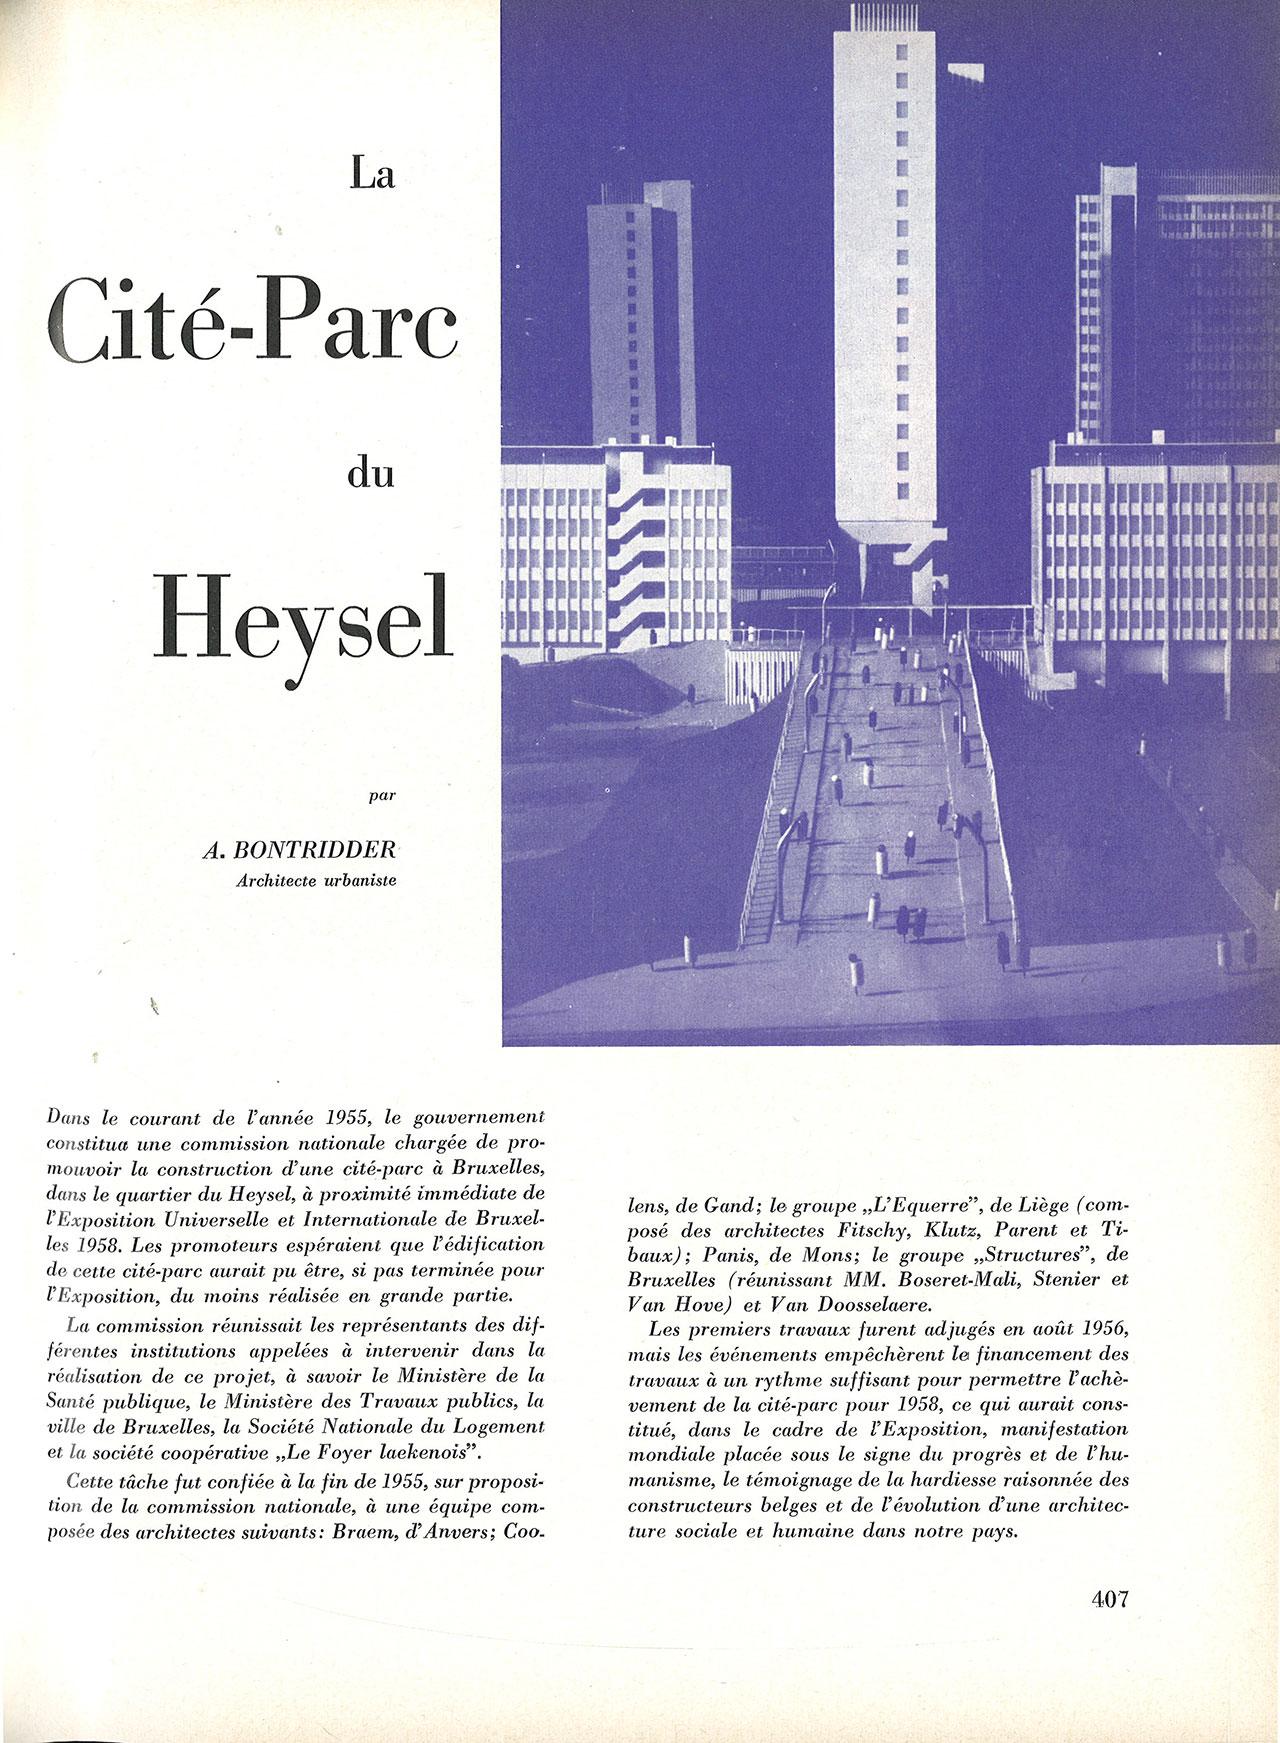 La cité-parc du Heysel